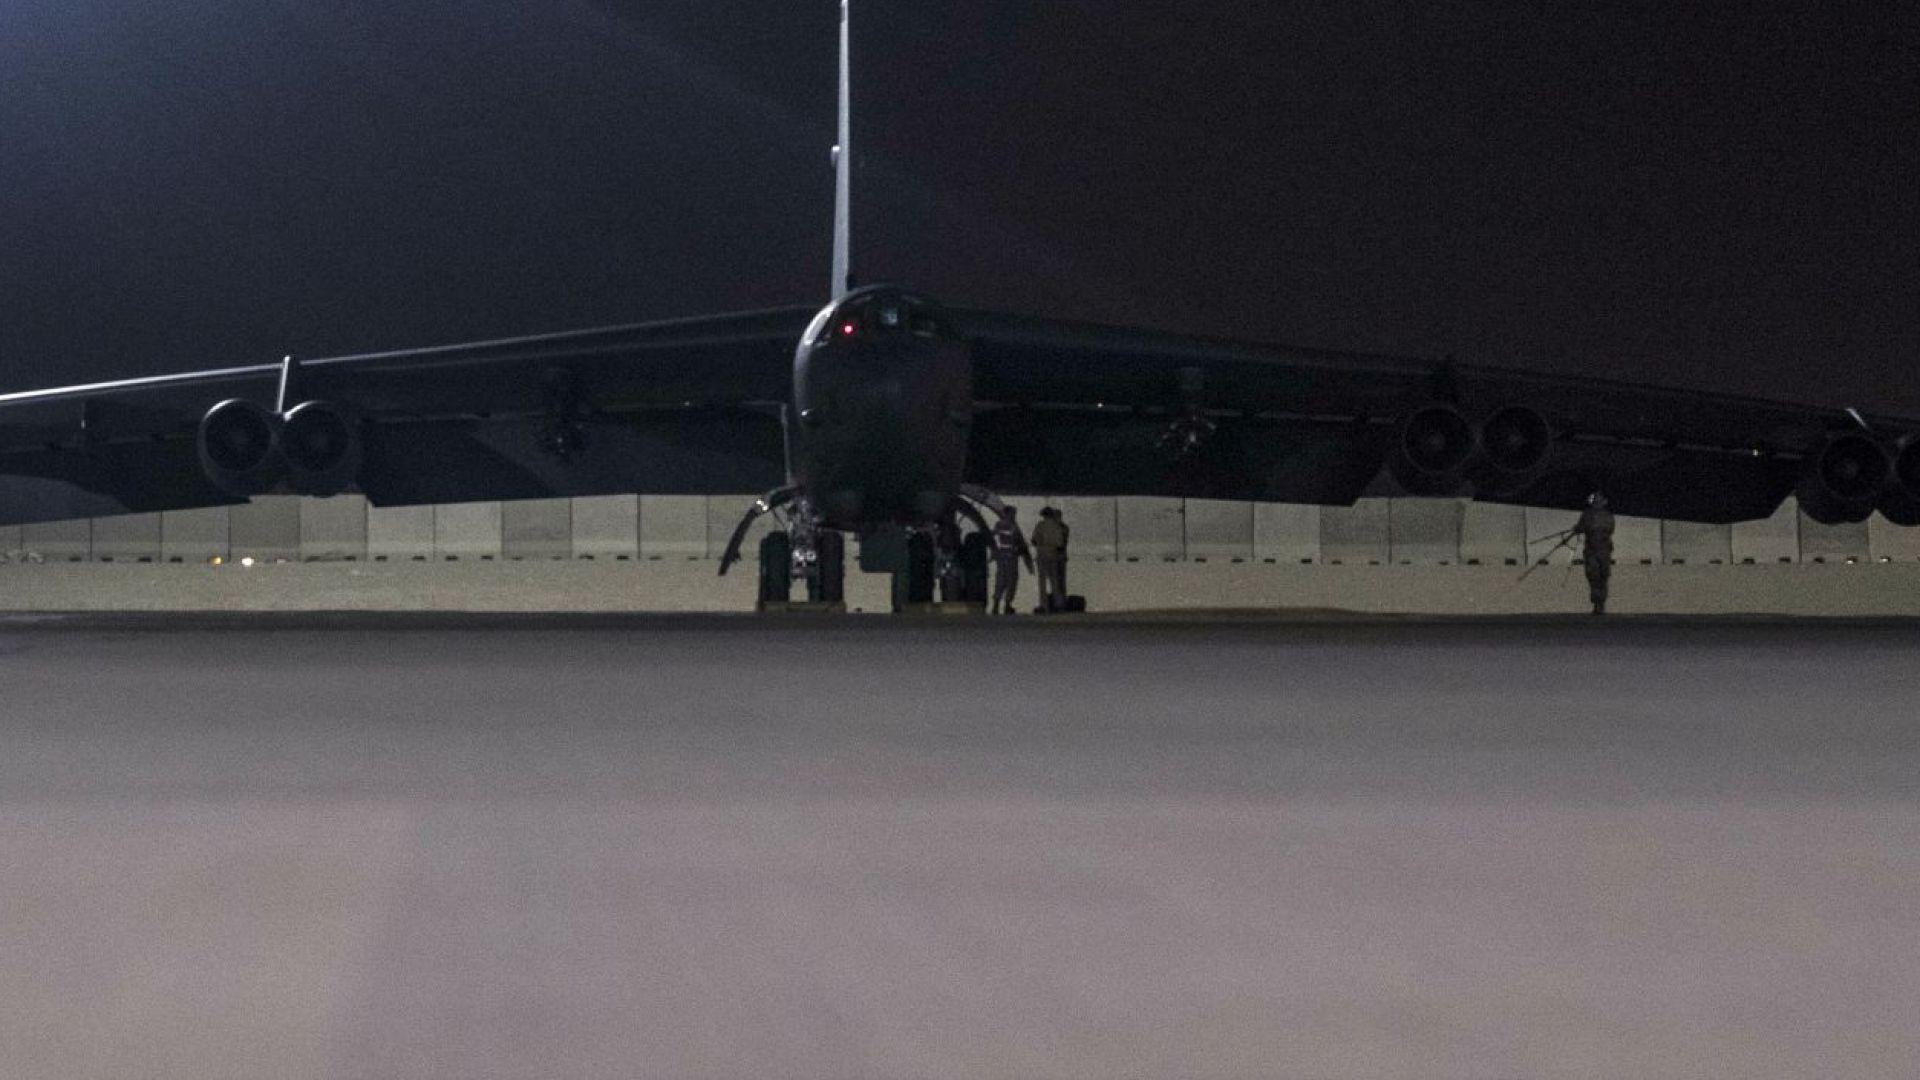 САЩ разположи в Катар бомбардировачи B-52 (снимки)